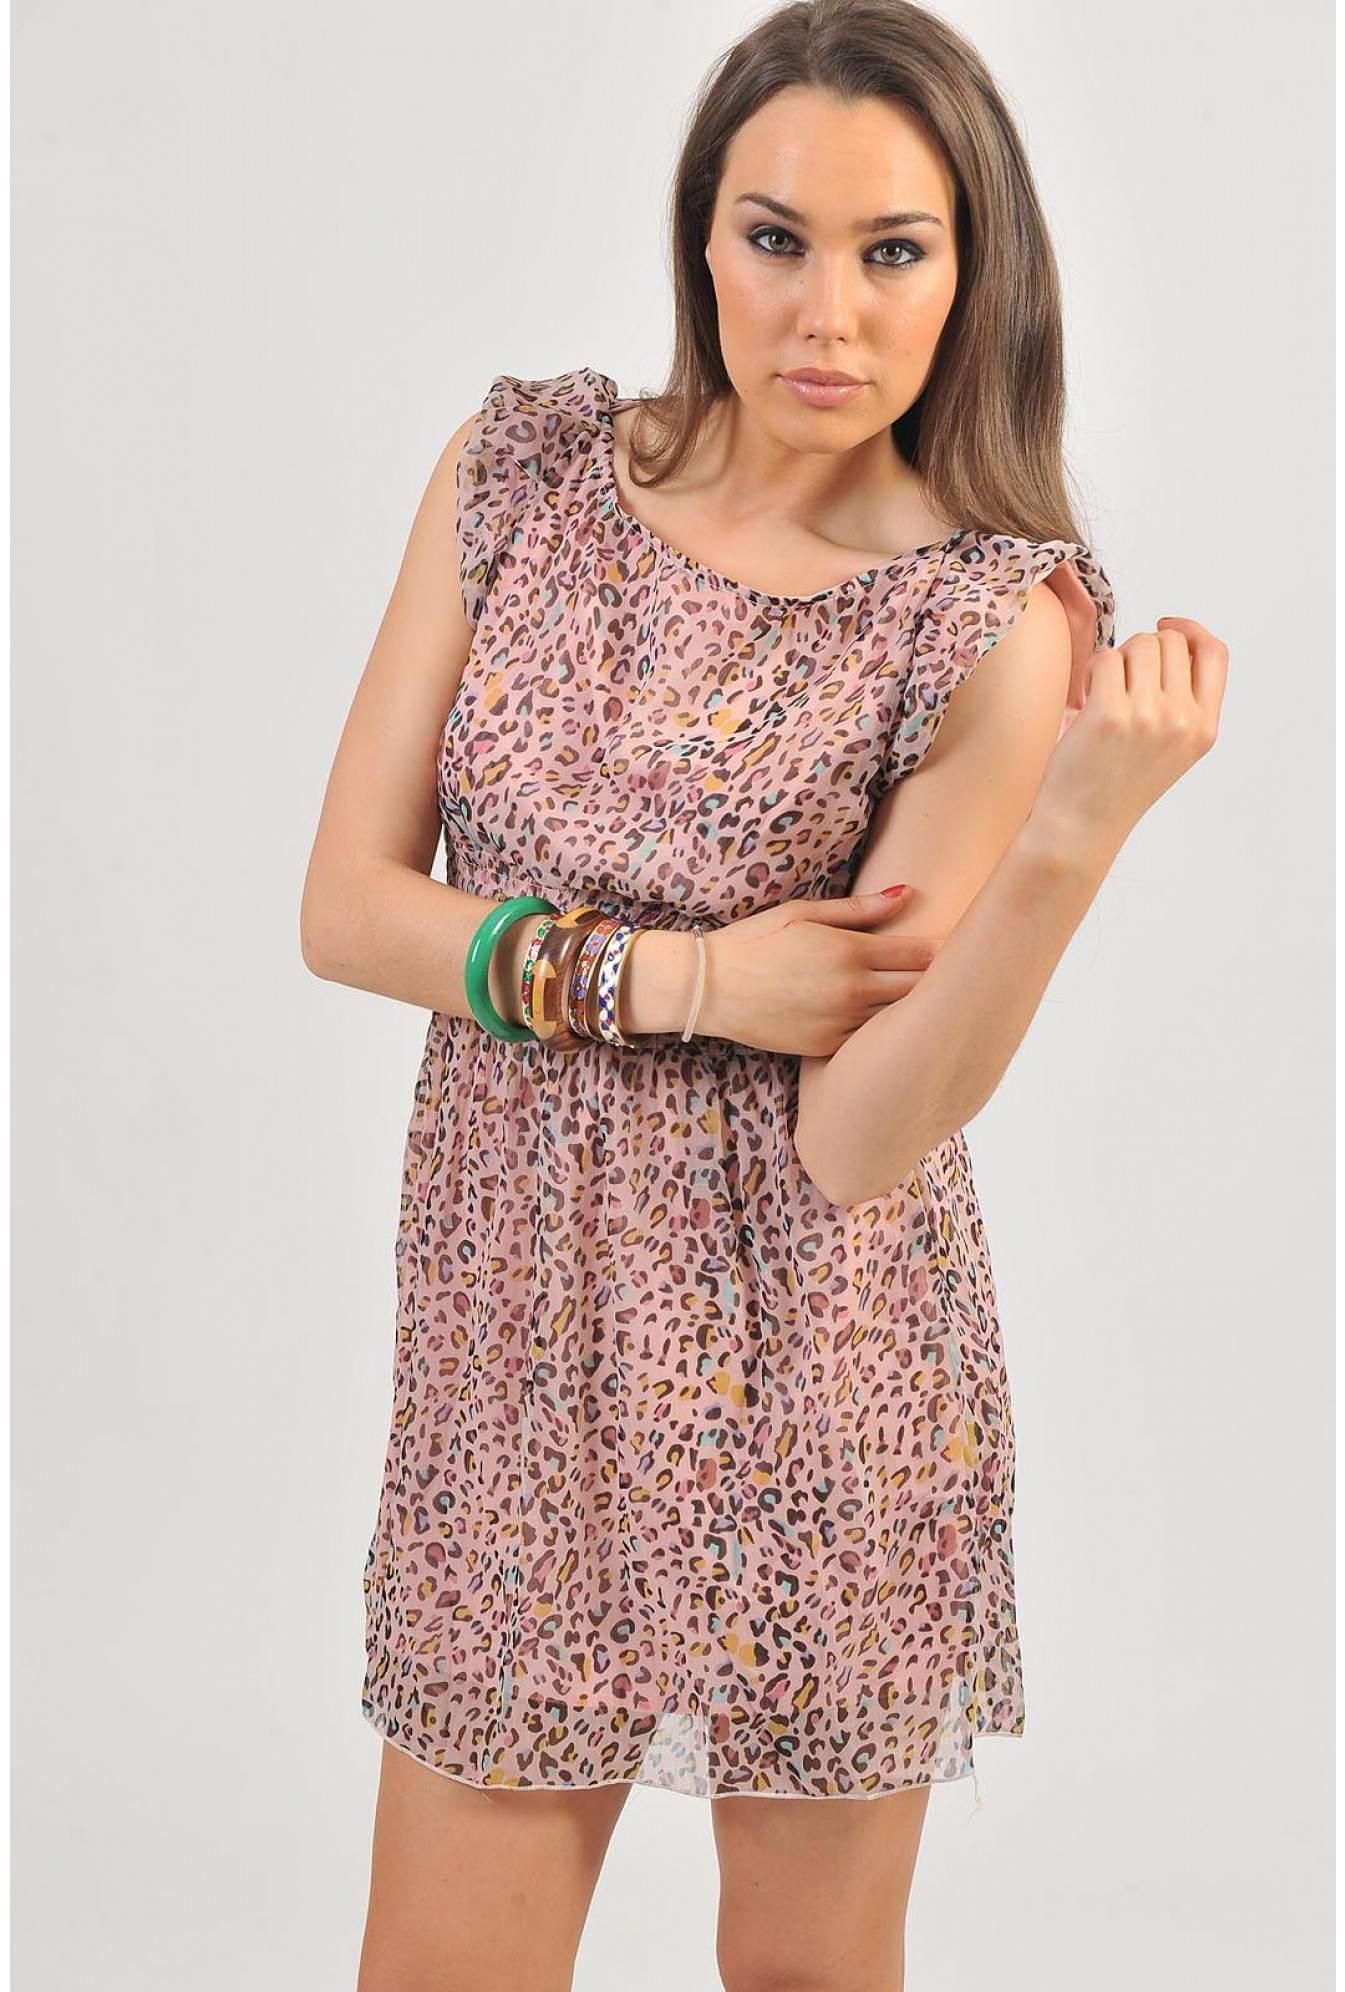 fd4b008f0f64 More Views. Donna Leopard Print Dress in Pink